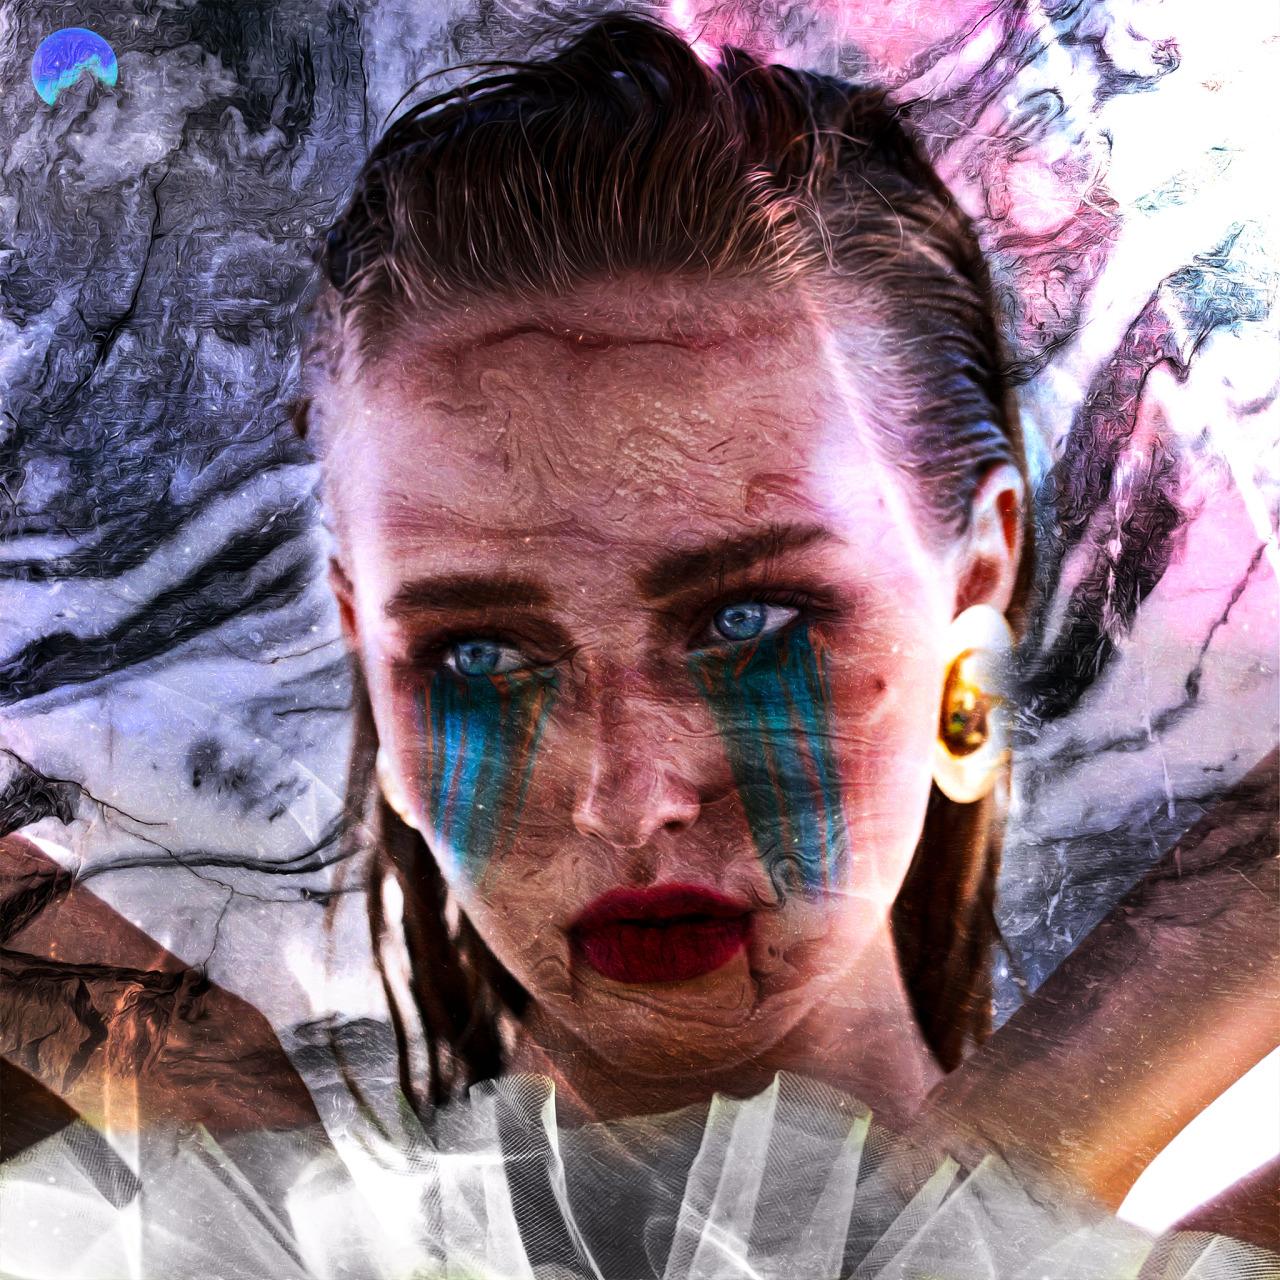 Birdie #portrait#portrait perfection#portraitwoman#portraitdigital#portraitpainting#woman#girl#digital#digitalart#digitalartwork#digital photography#digital media#digital portrait#diigital art#photoshop#photomanipulation#photo#photoshopart